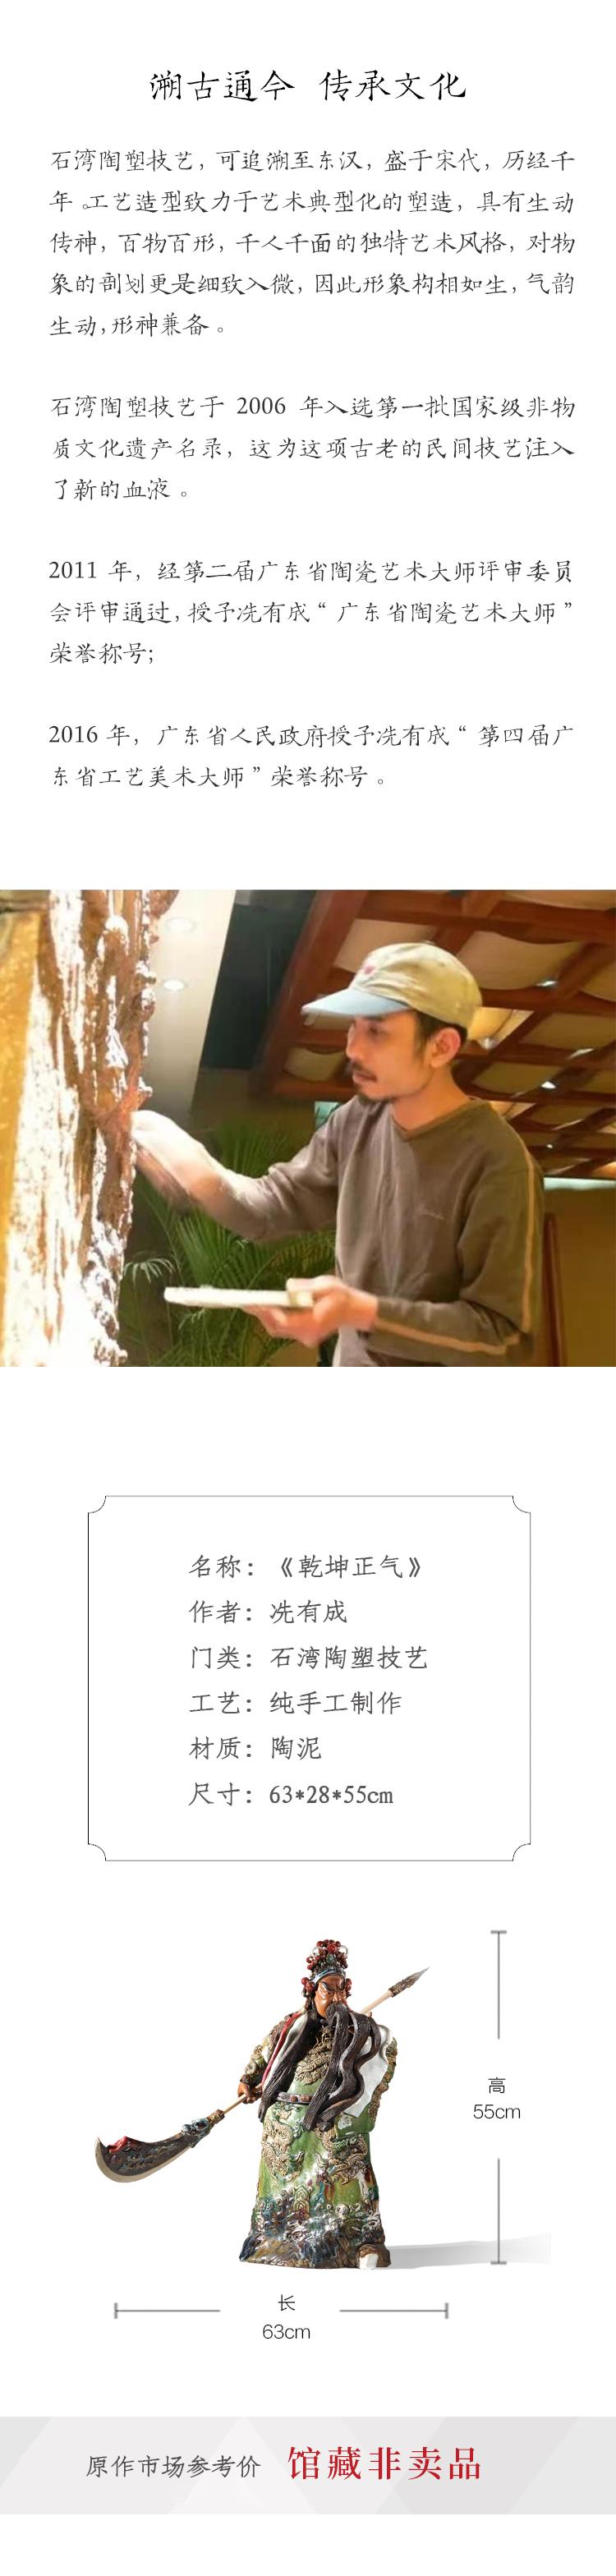 冼有成-乾坤正气_03.jpg